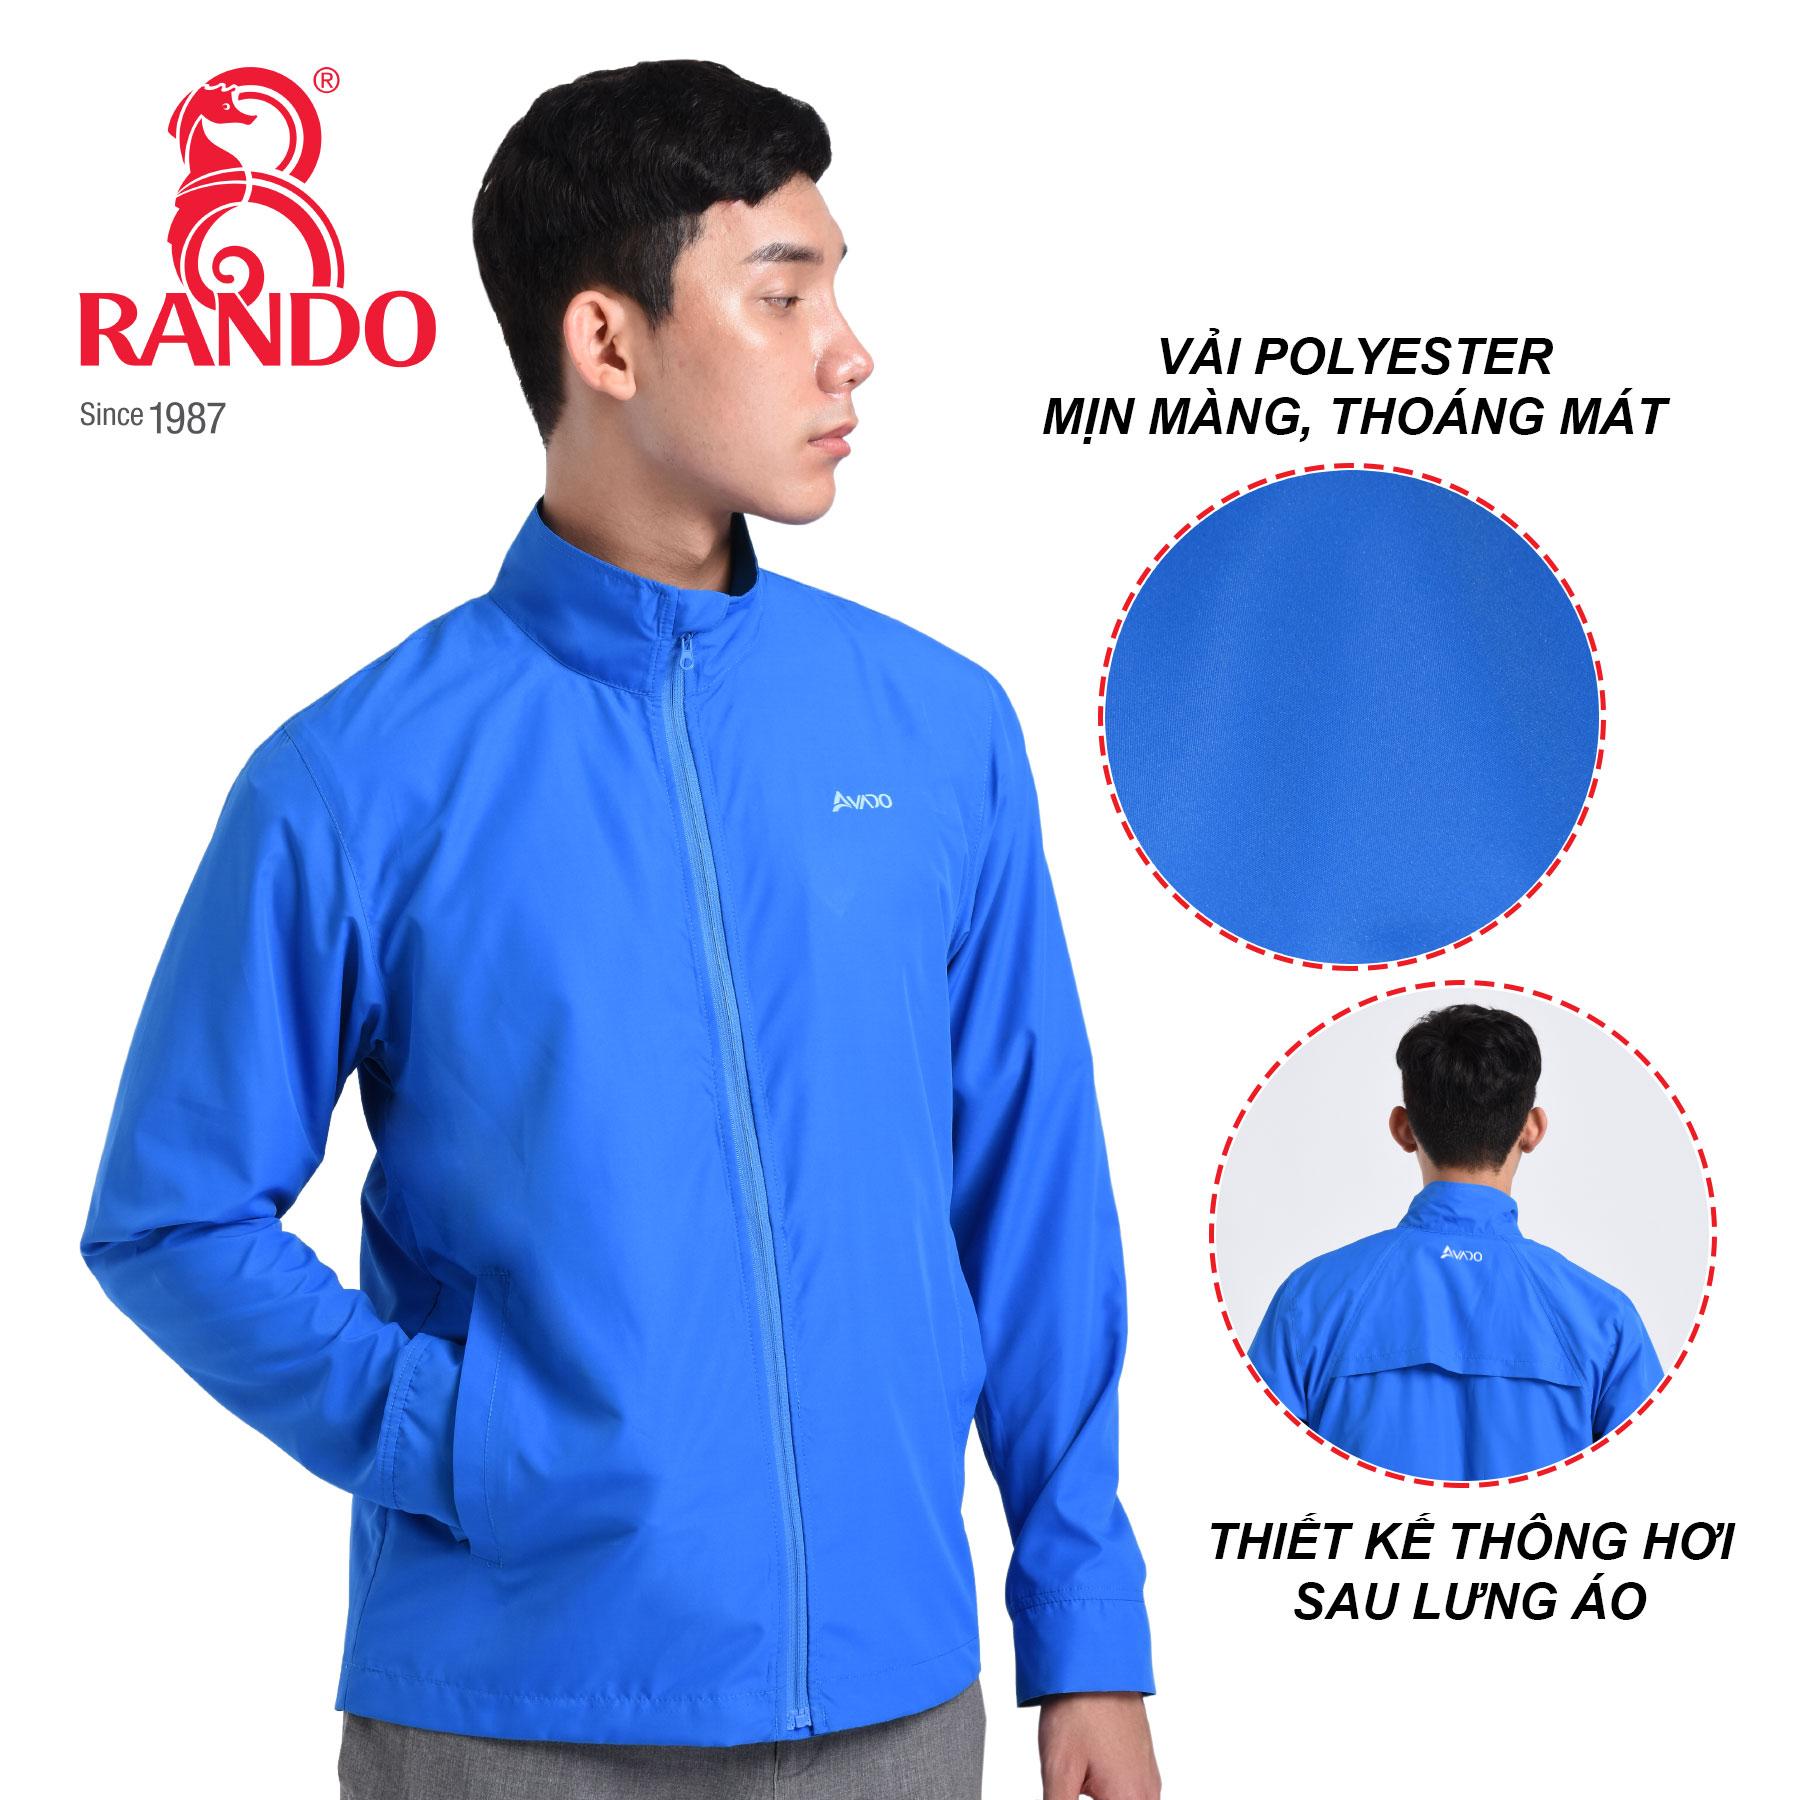 Chất liệu polyester áo gió cao cấp Nam AVADO - RANDO